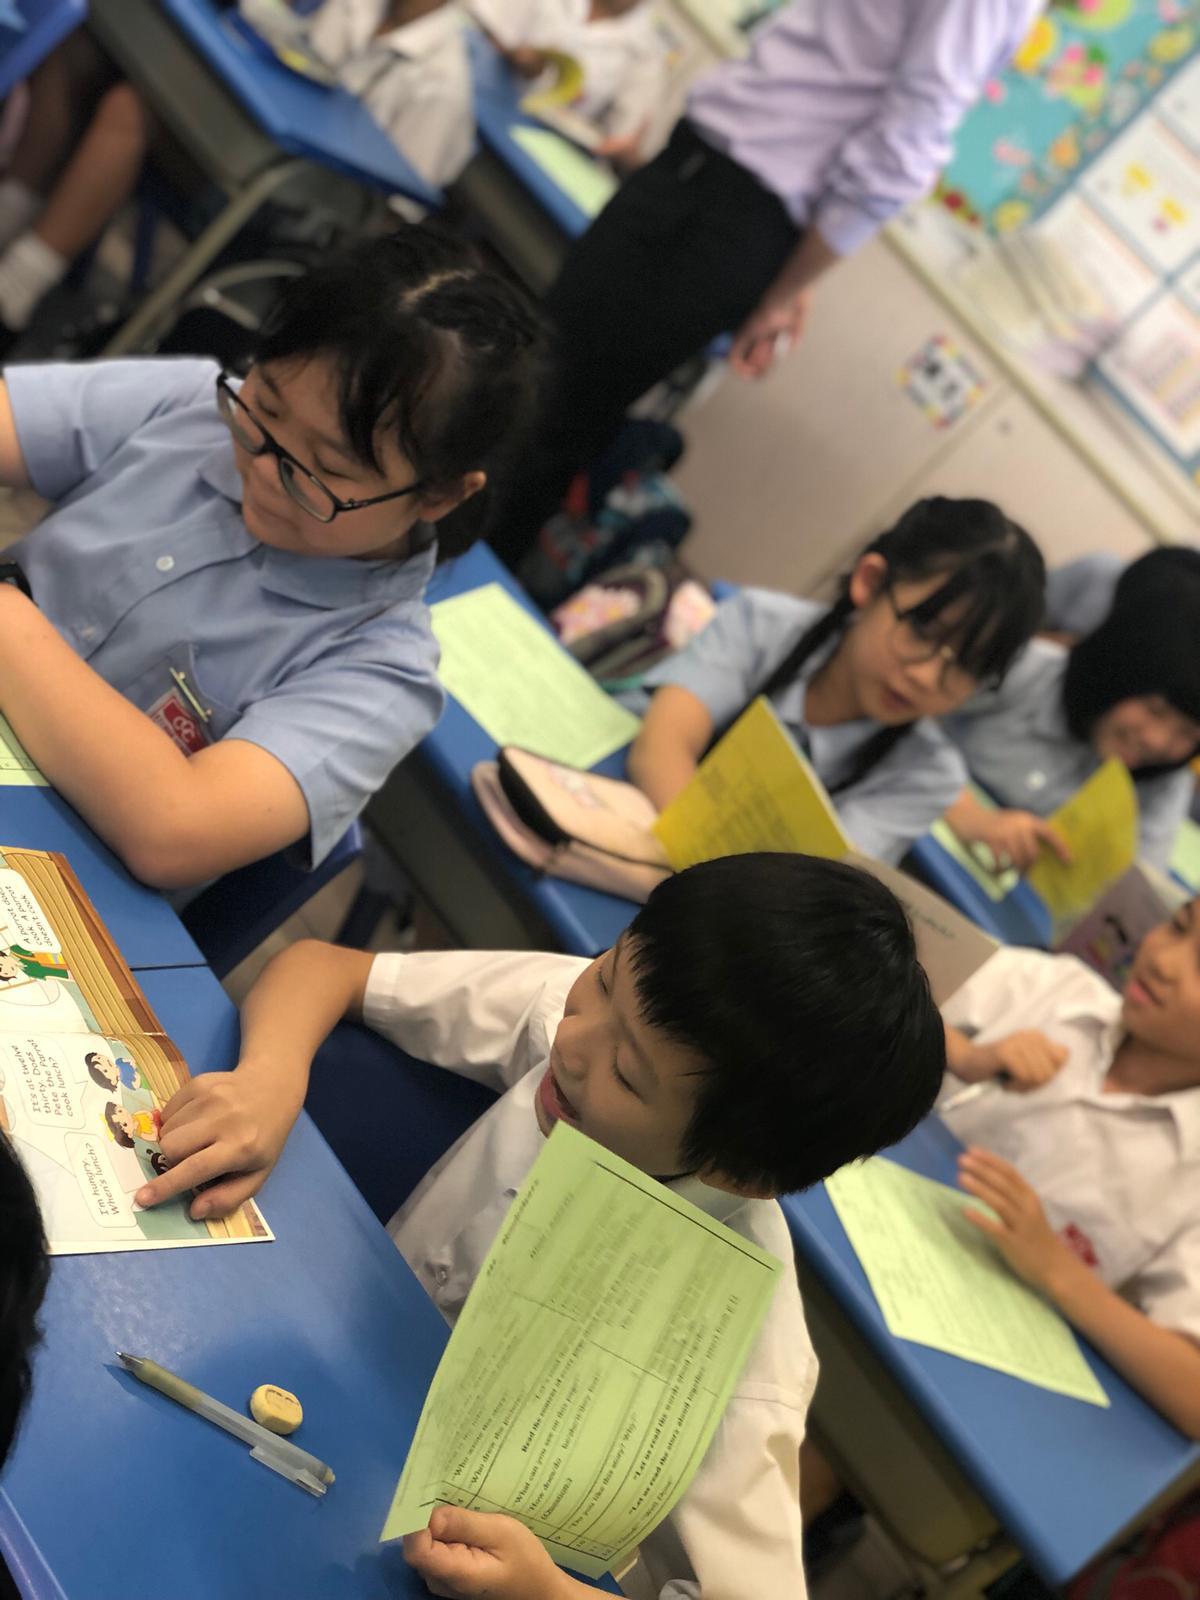 http://www.keiwan.edu.hk/sites/default/files/img-20191005-wa0019.jpg